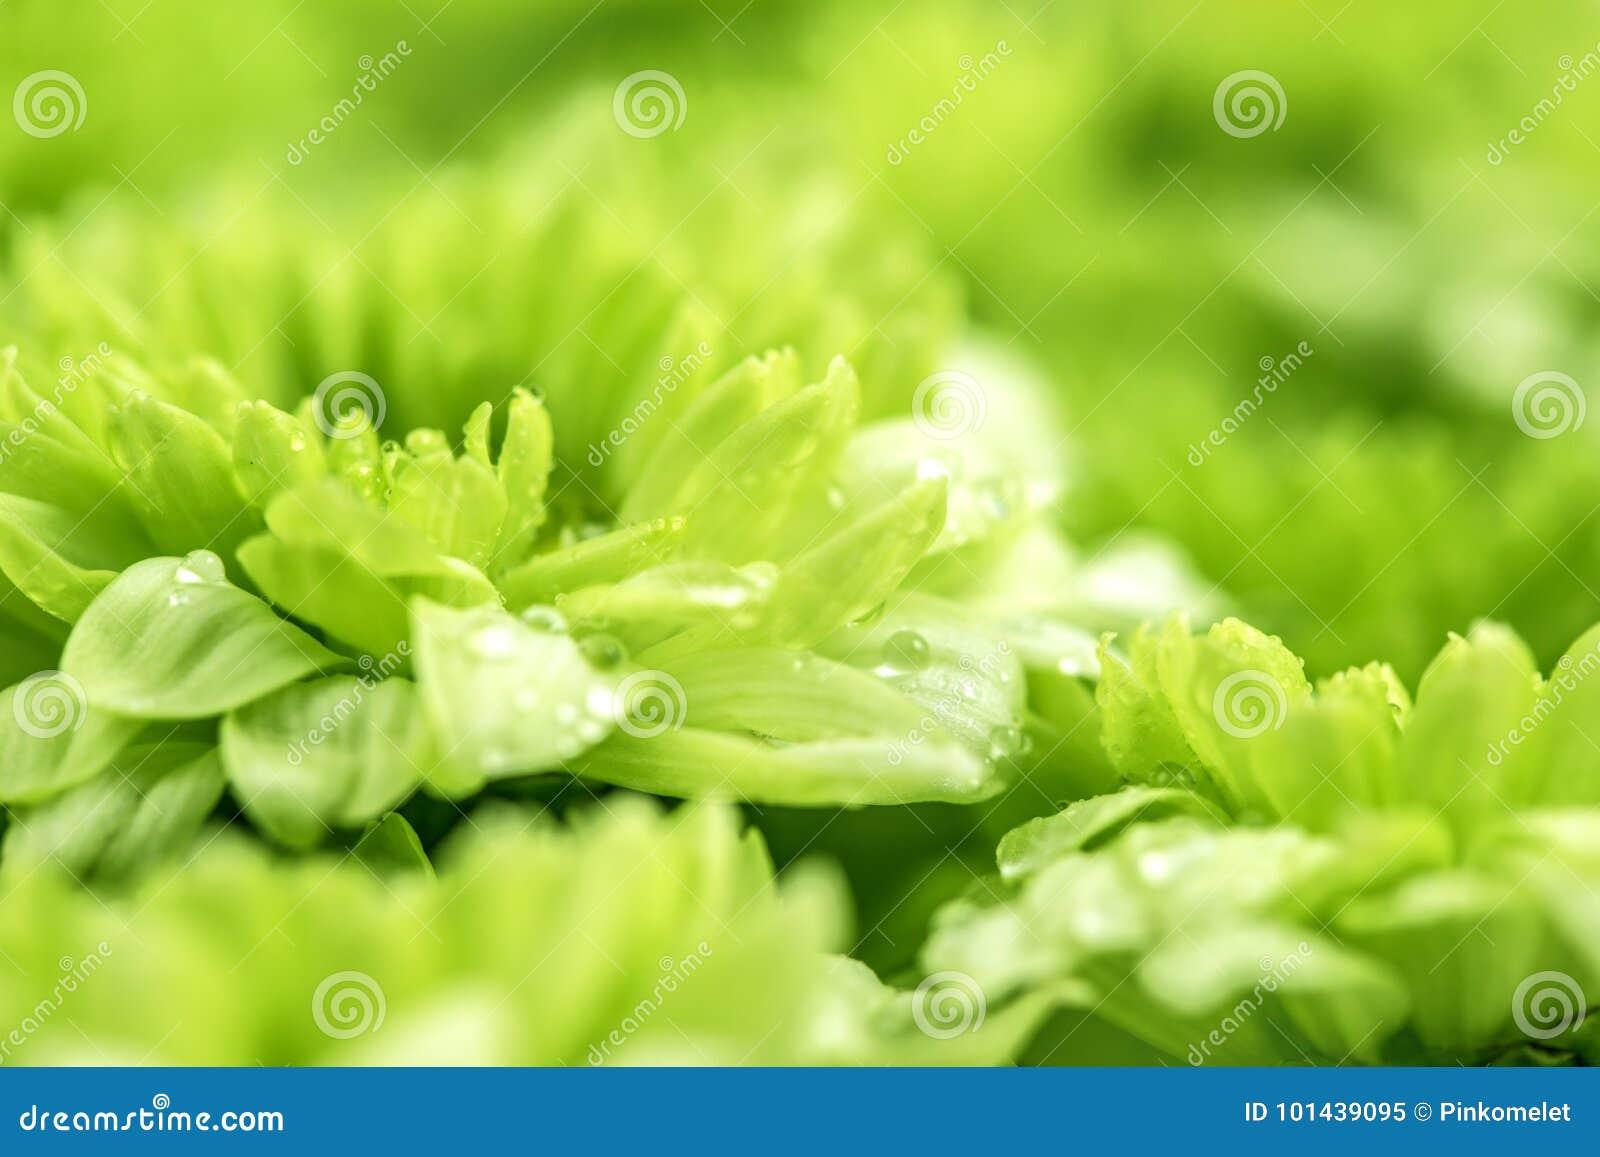 Flor verde fresca macia para o fundo sonhador romântico do amor, f